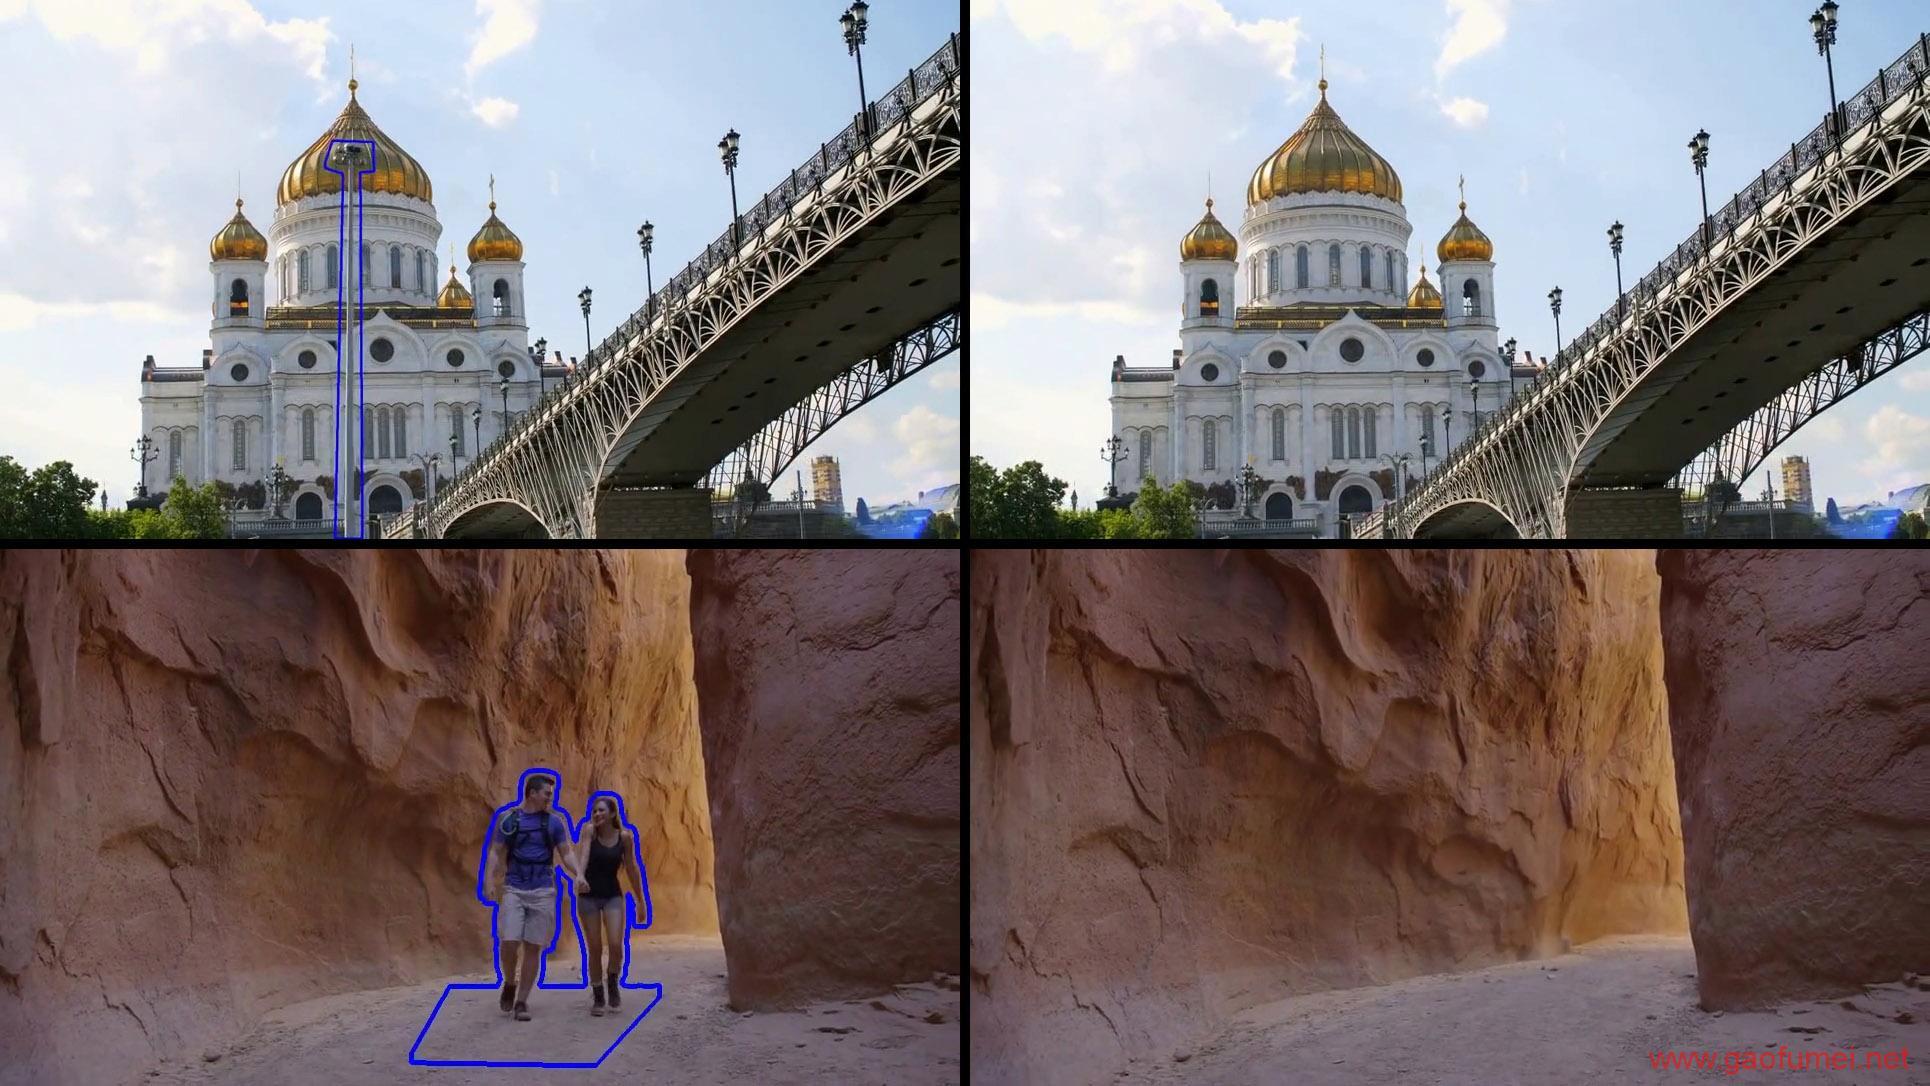 Adobe在MAX创新大会上演示Cloak技术让普通用户像修照片一样修视频 计算机视觉 第4张